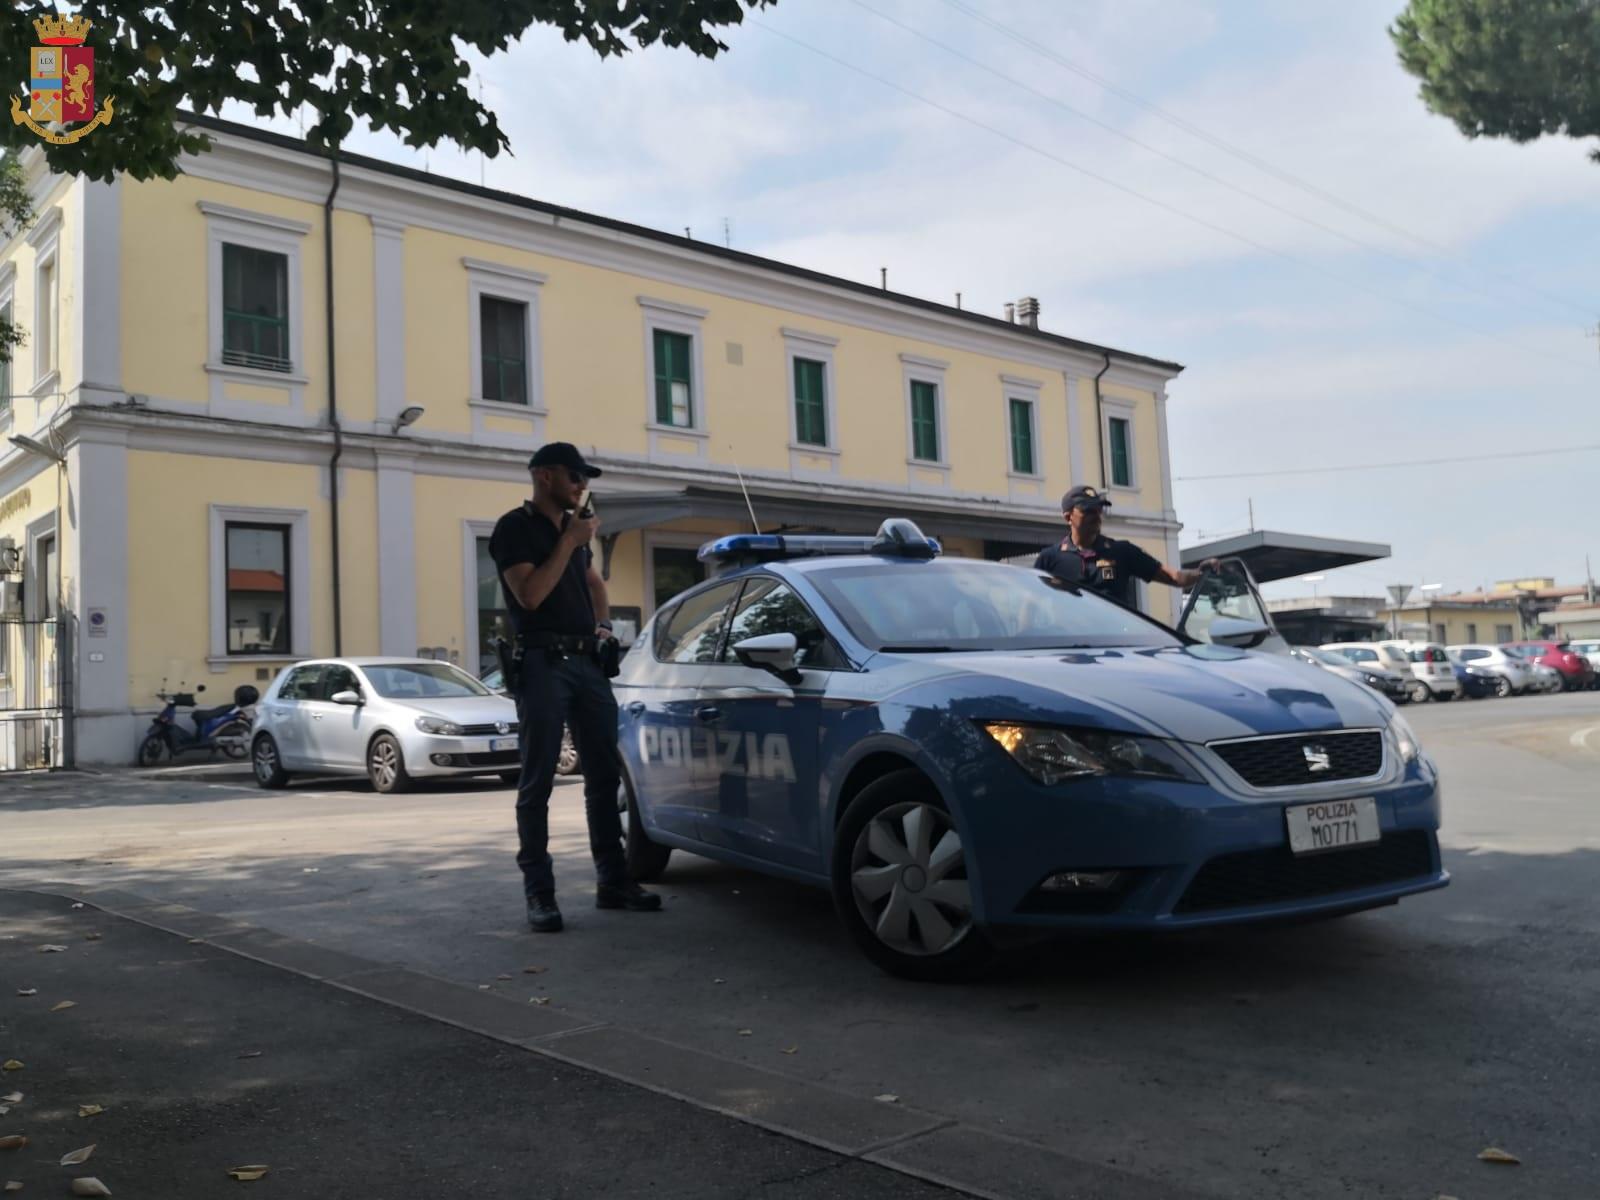 Spaccio di eroina nei pressi della Stazione ferroviaria di Sesto fiorentino: due arrestati